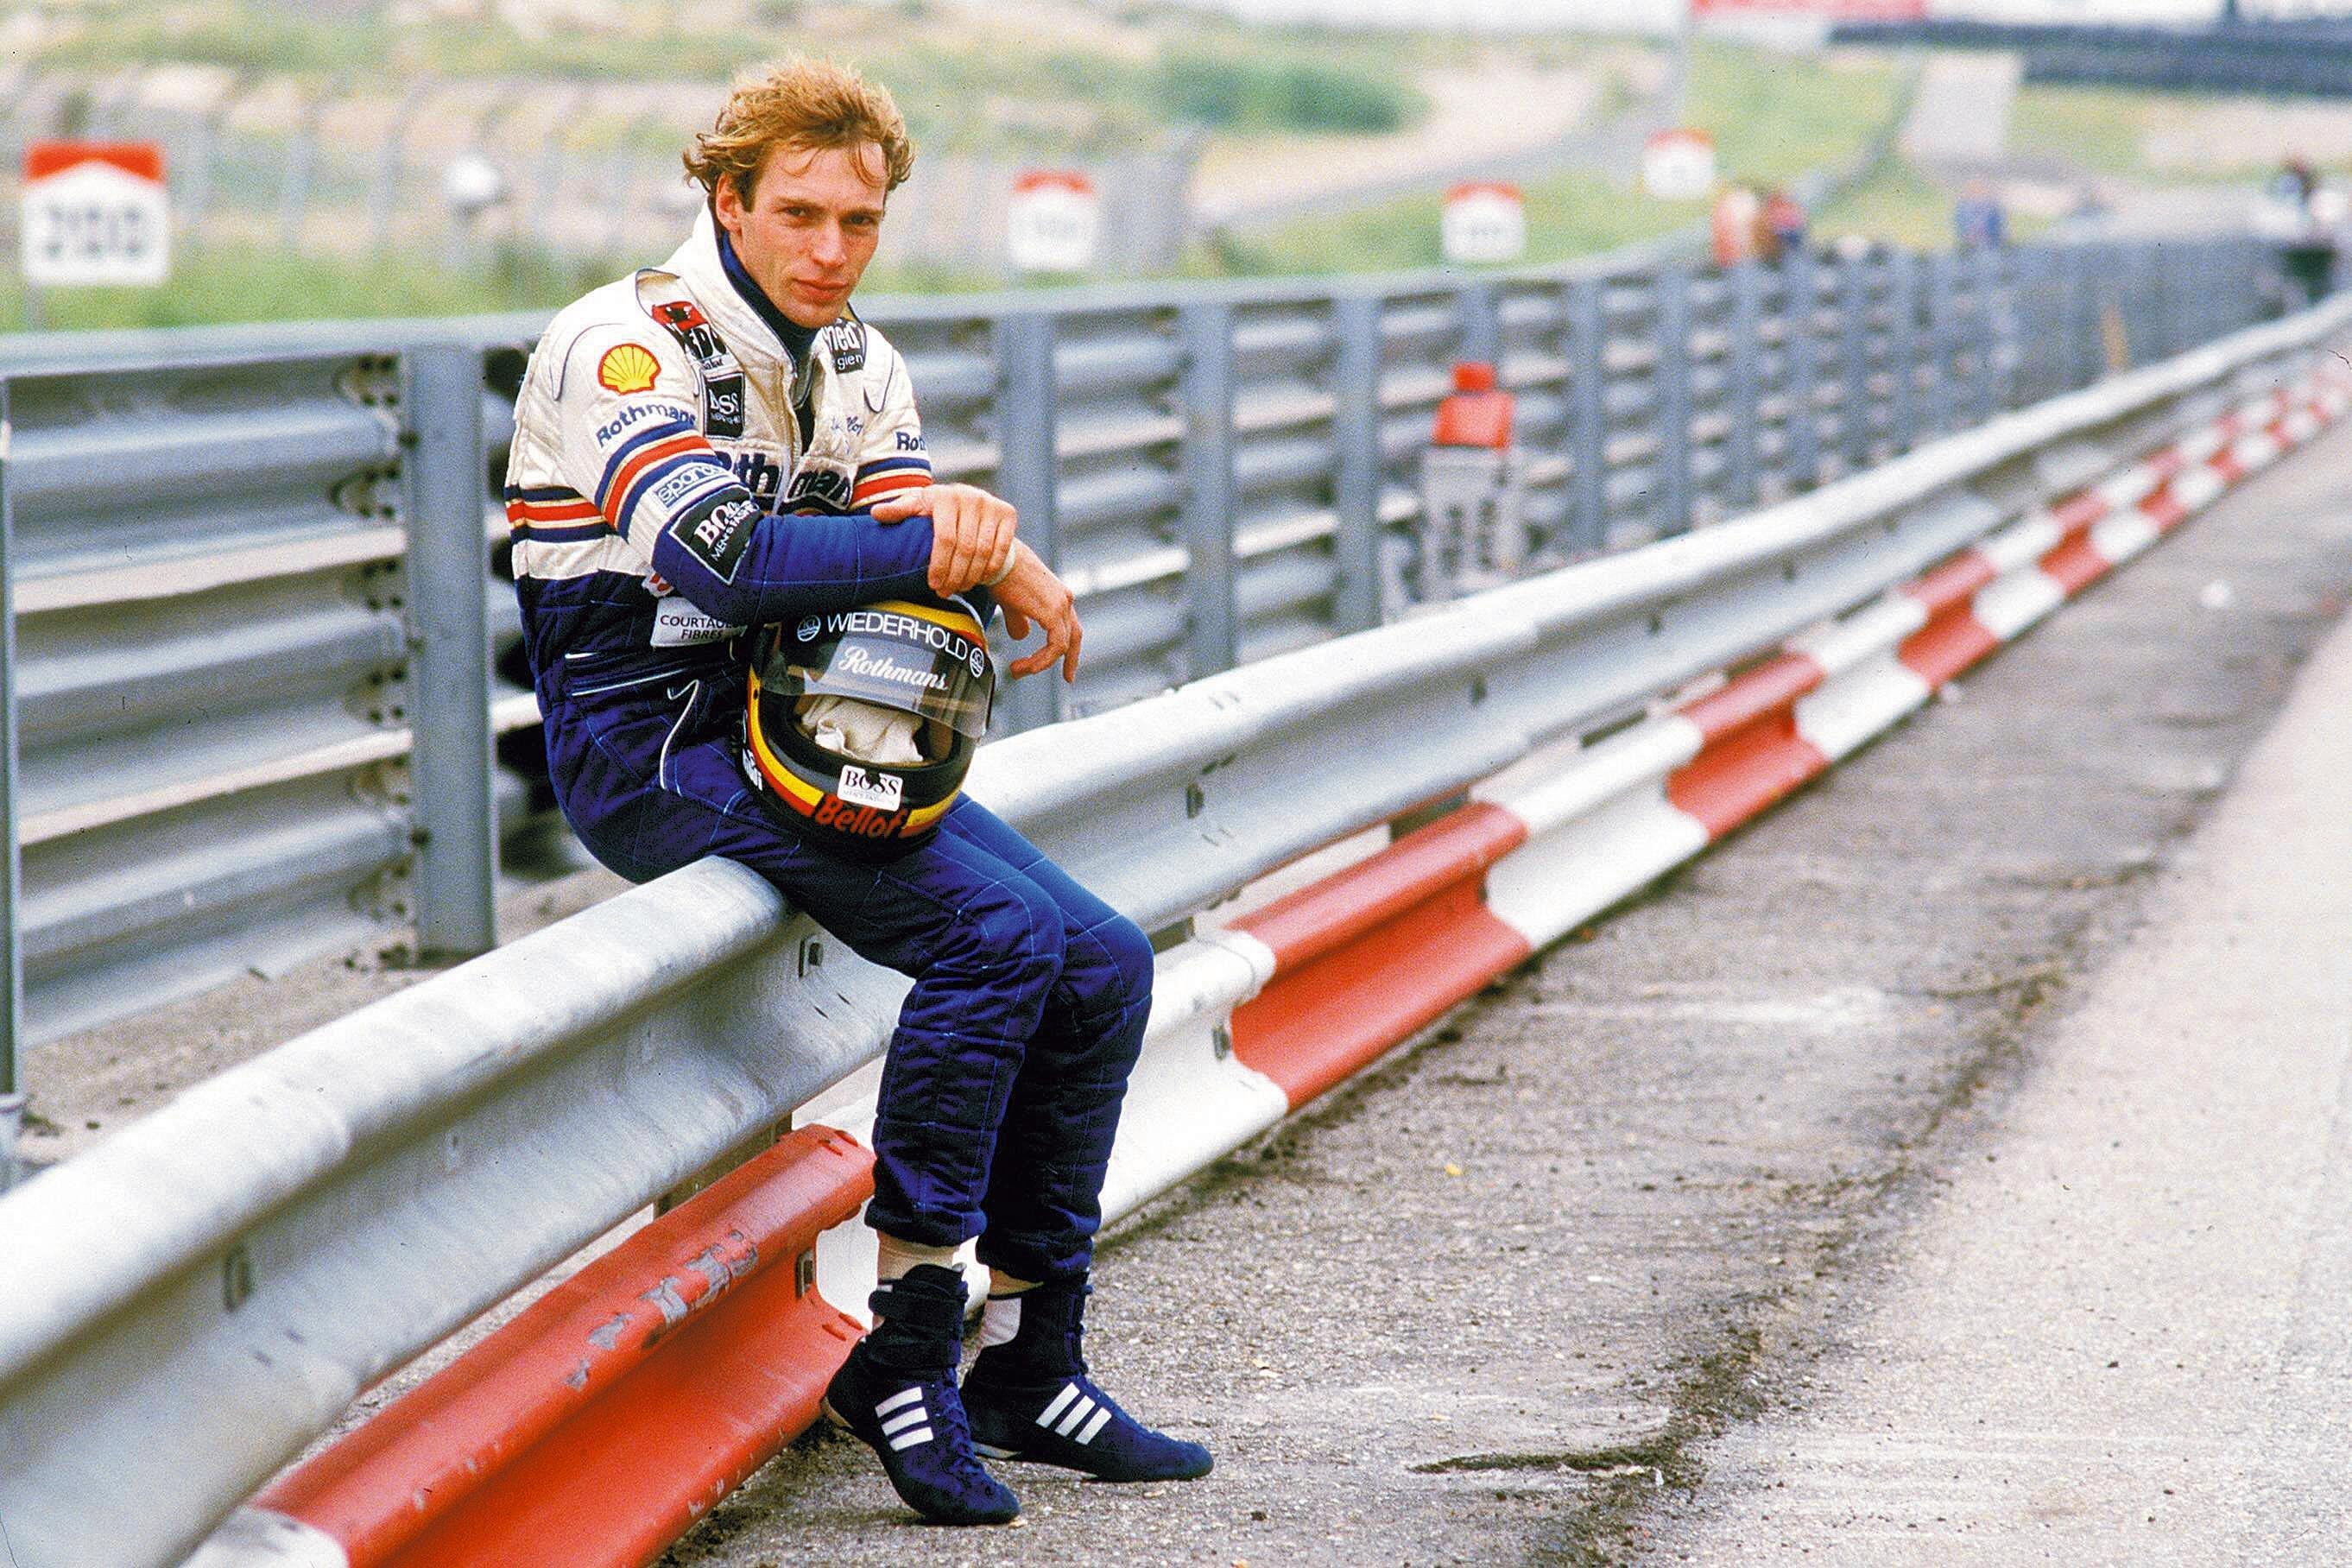 Foto de O alemão que não estava naquele grupo – Dia 183 dos 365 dias mais importantes da história do automobilismo | Segunda Temporada